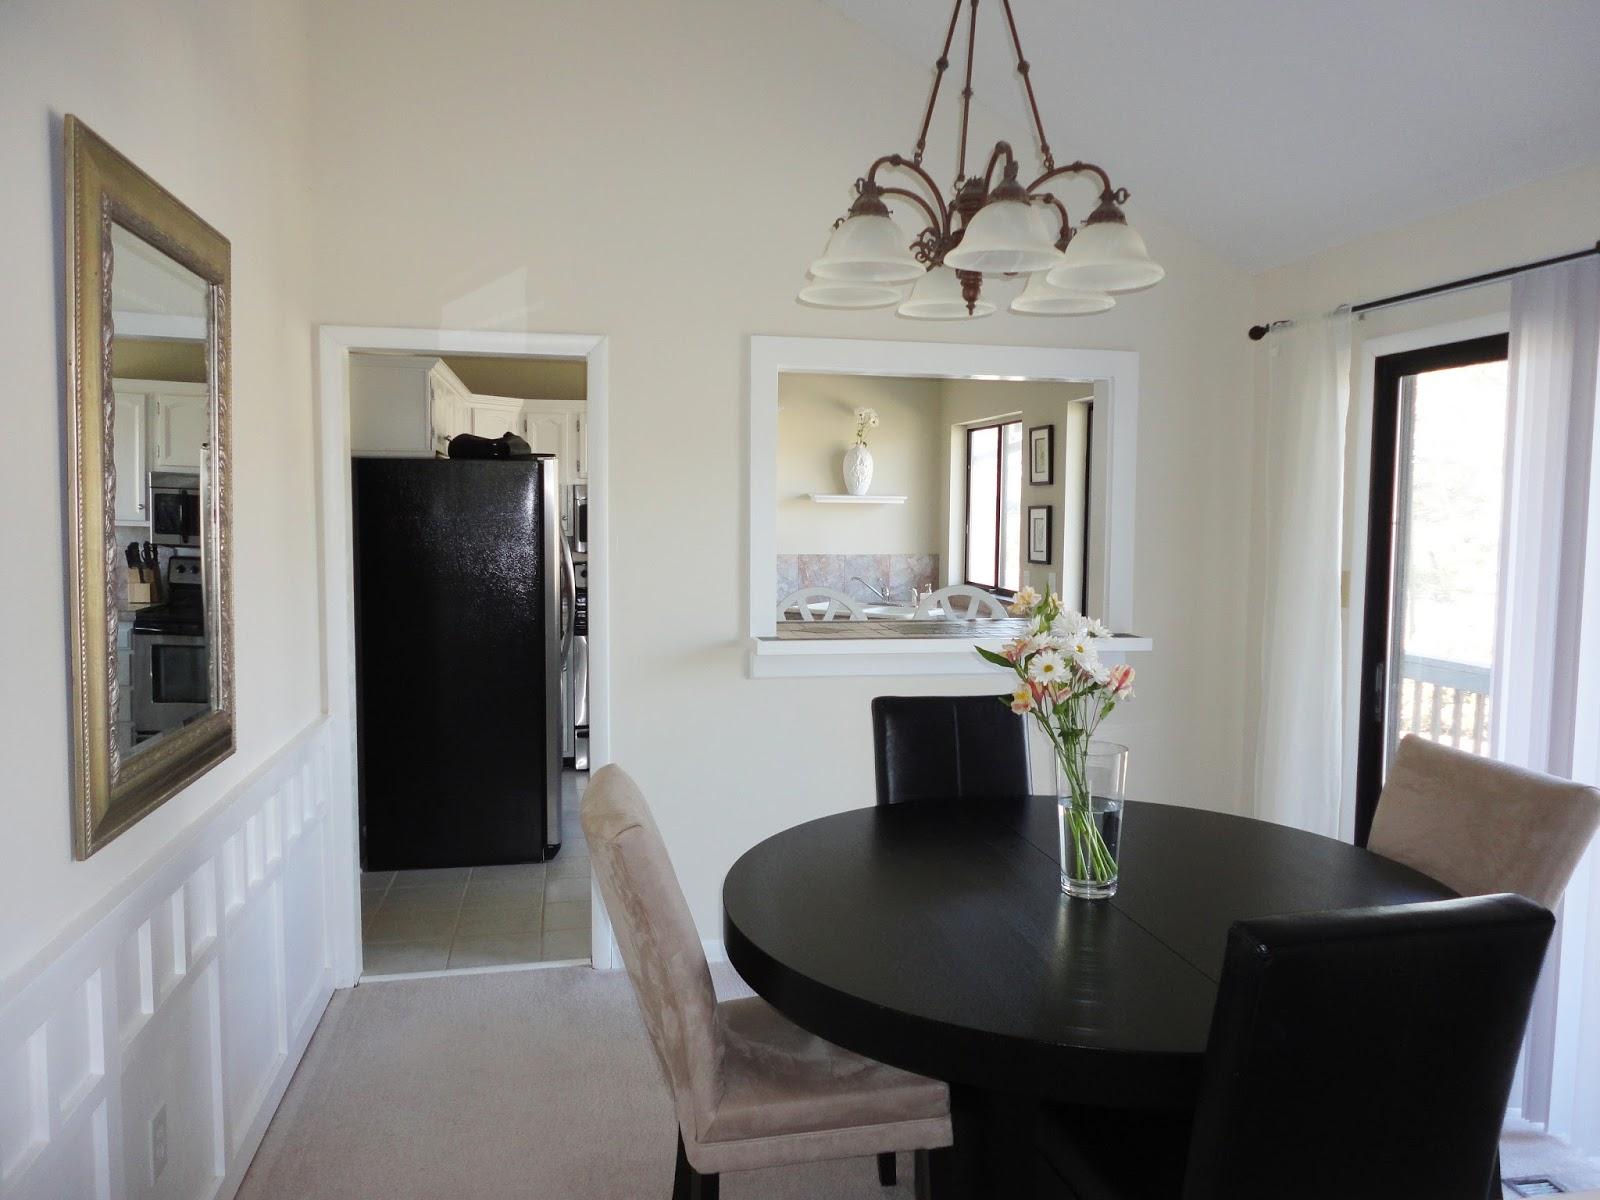 livelovediy - Painting Dining Room